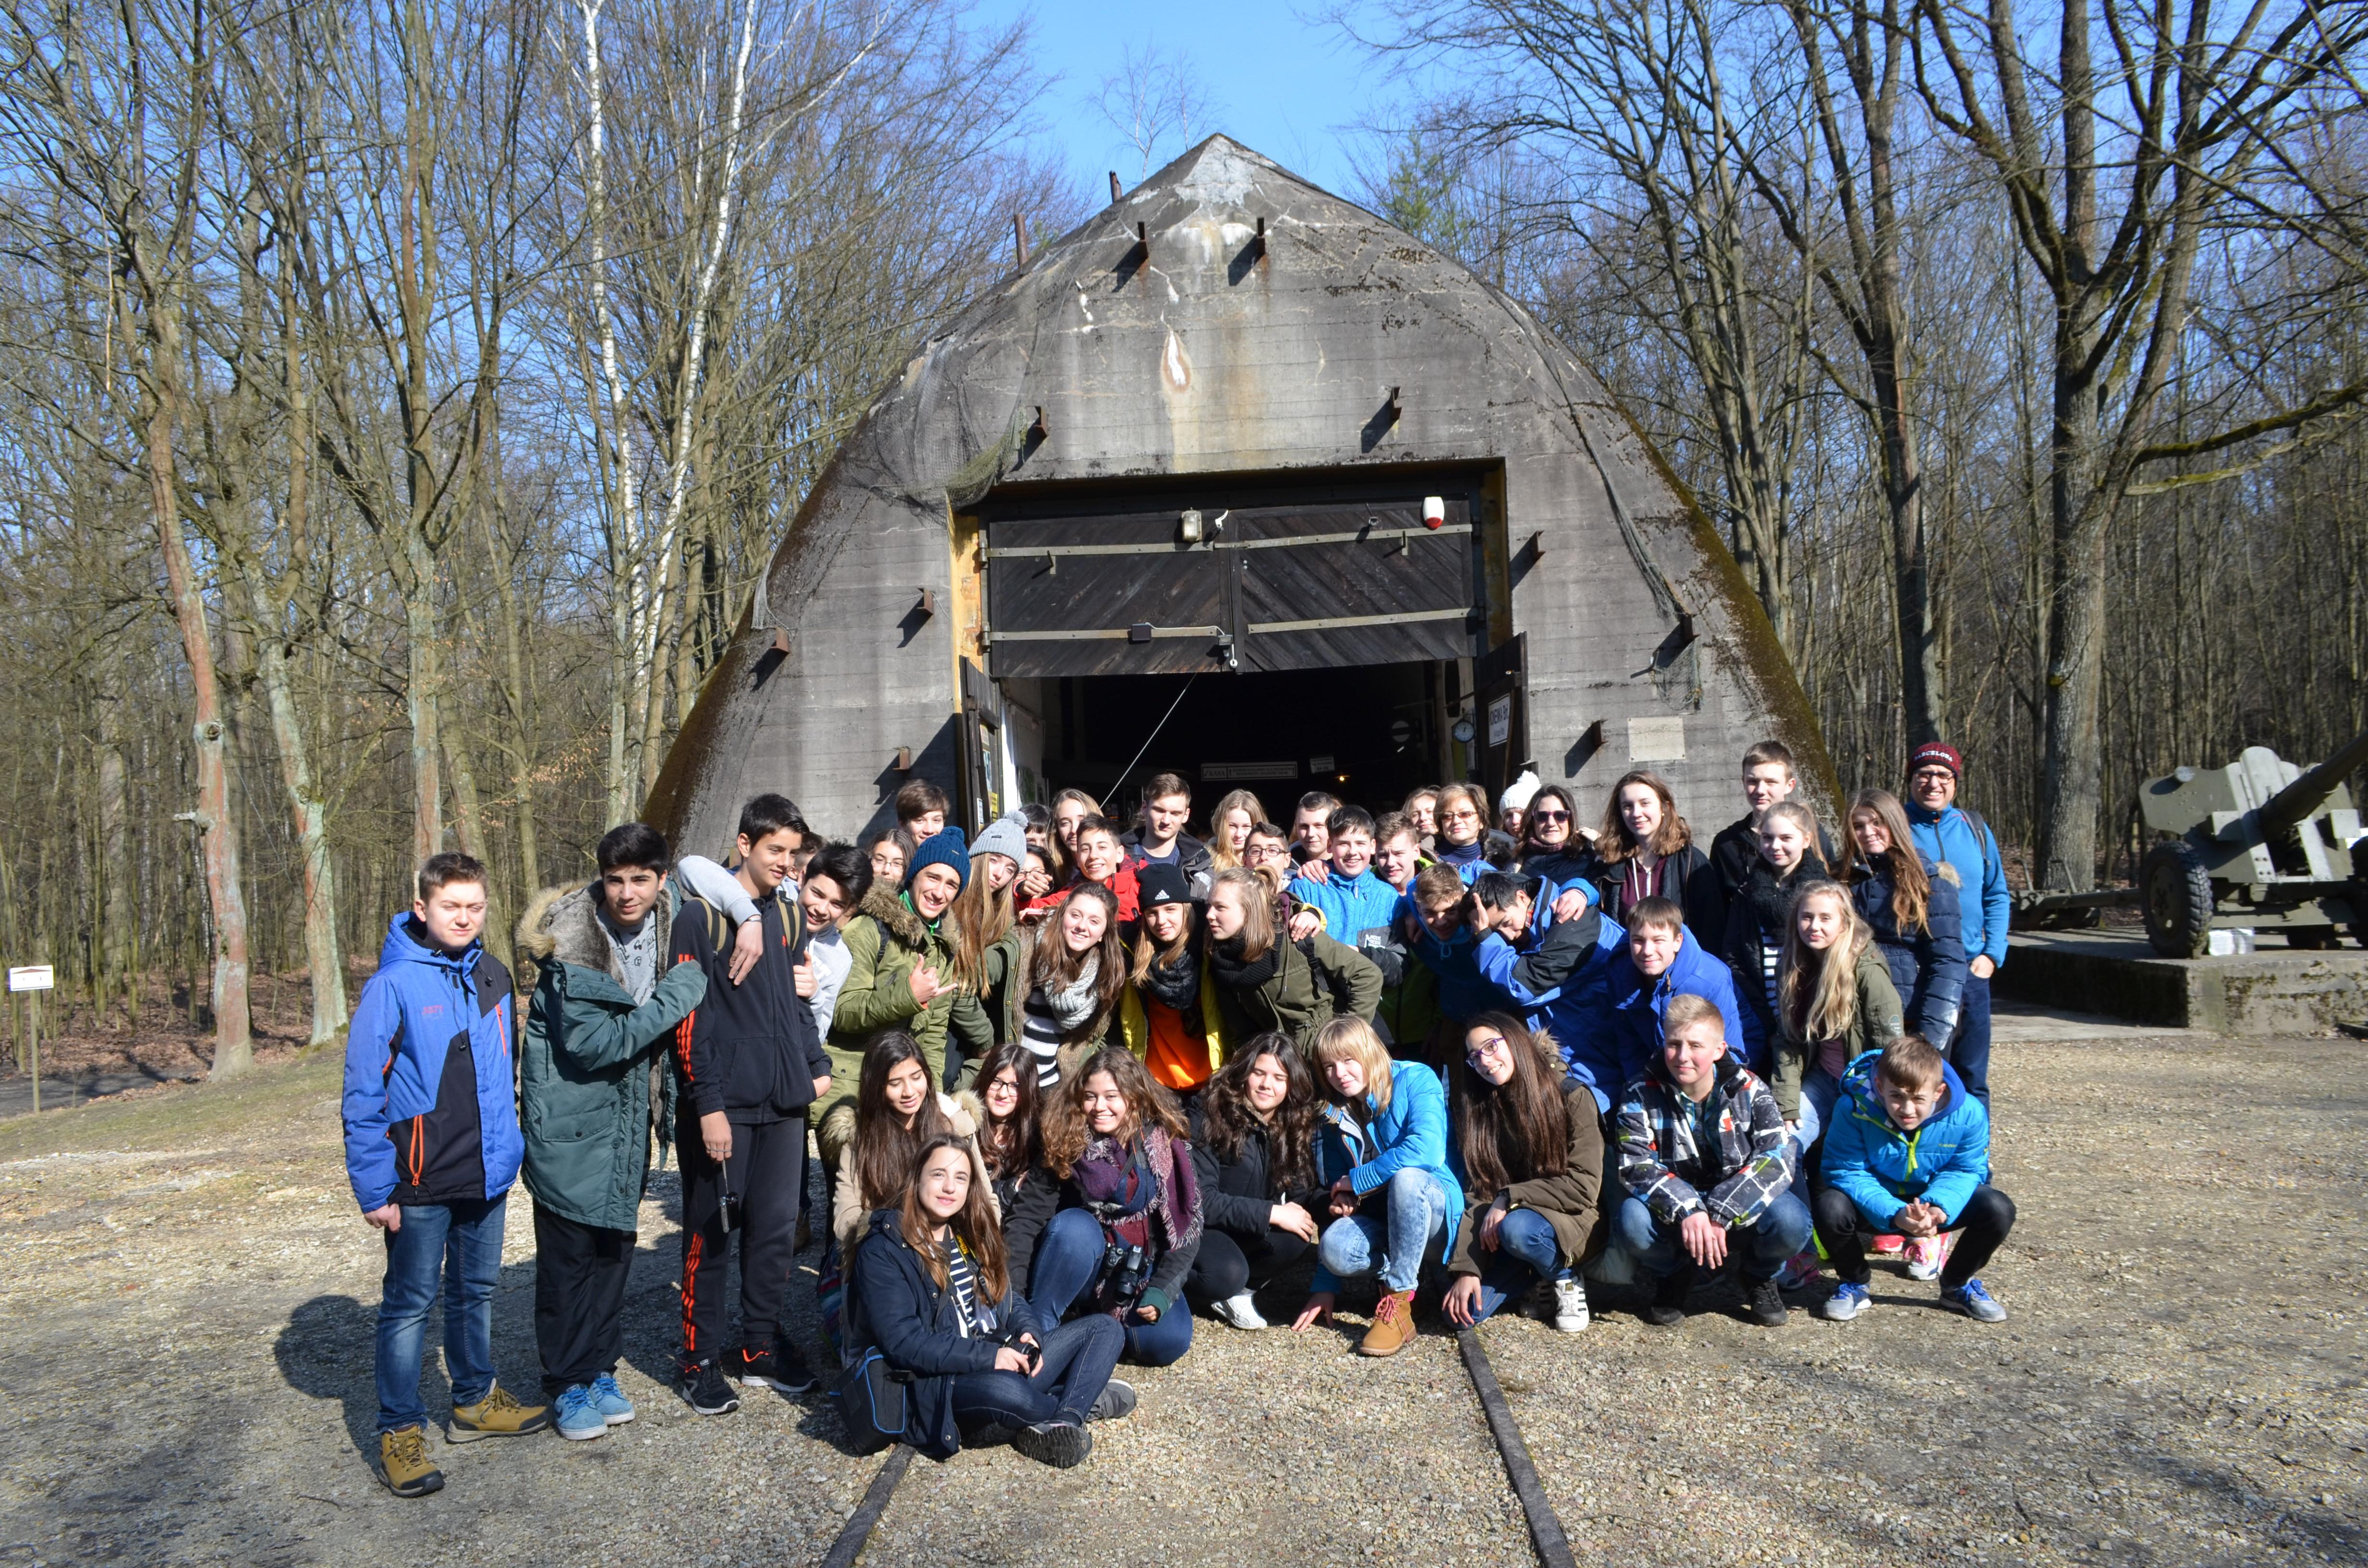 Zdjęcie uczniów biorących udział w projekcie przed bunkrem w Konewce